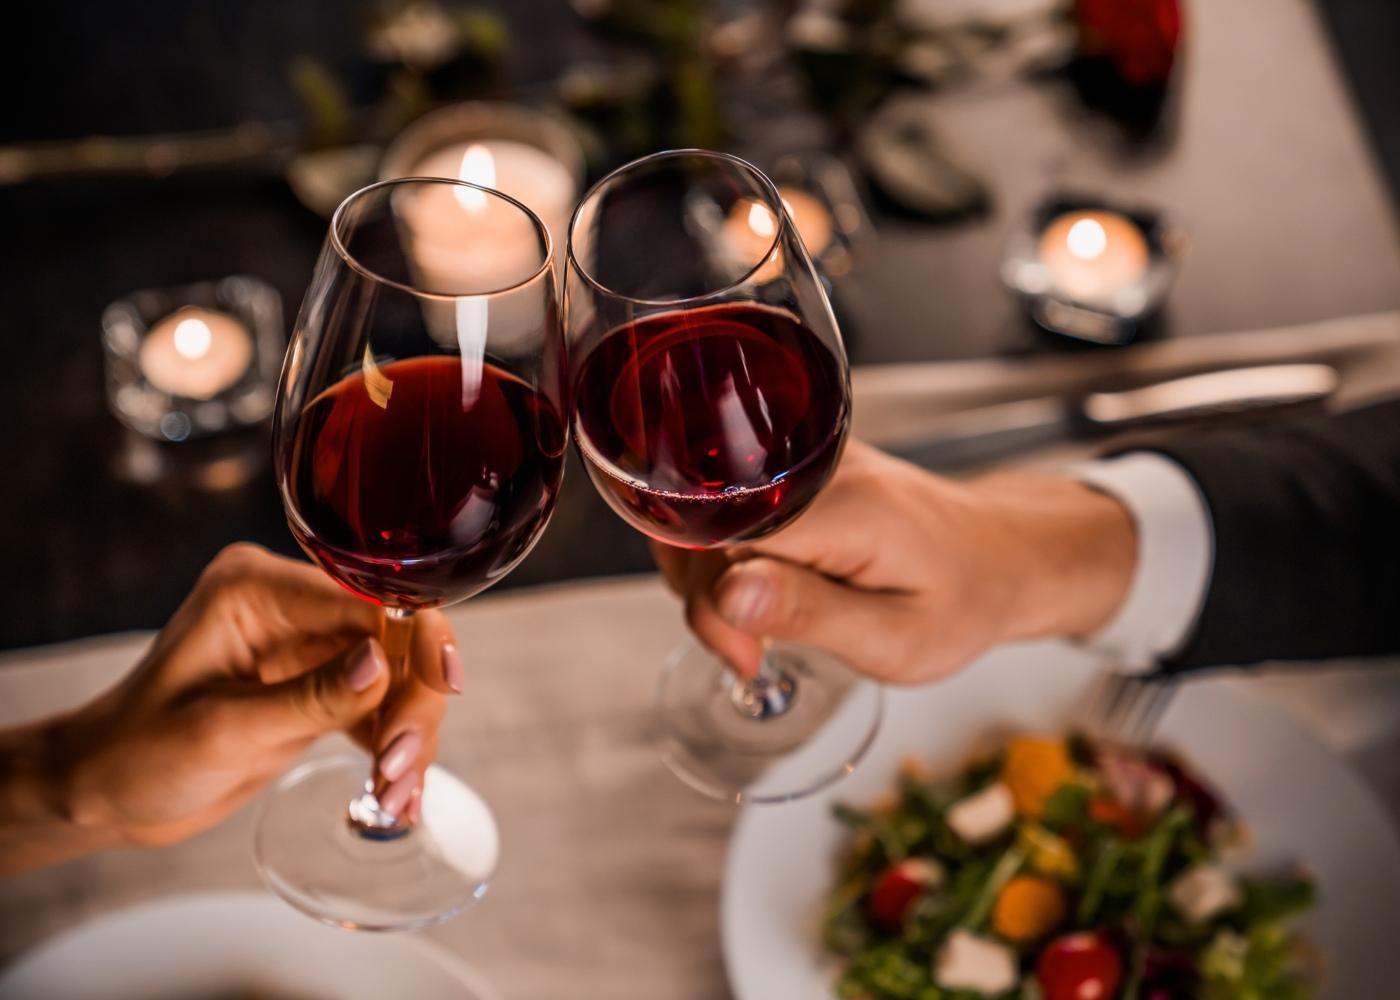 Brinde com copos de vinho